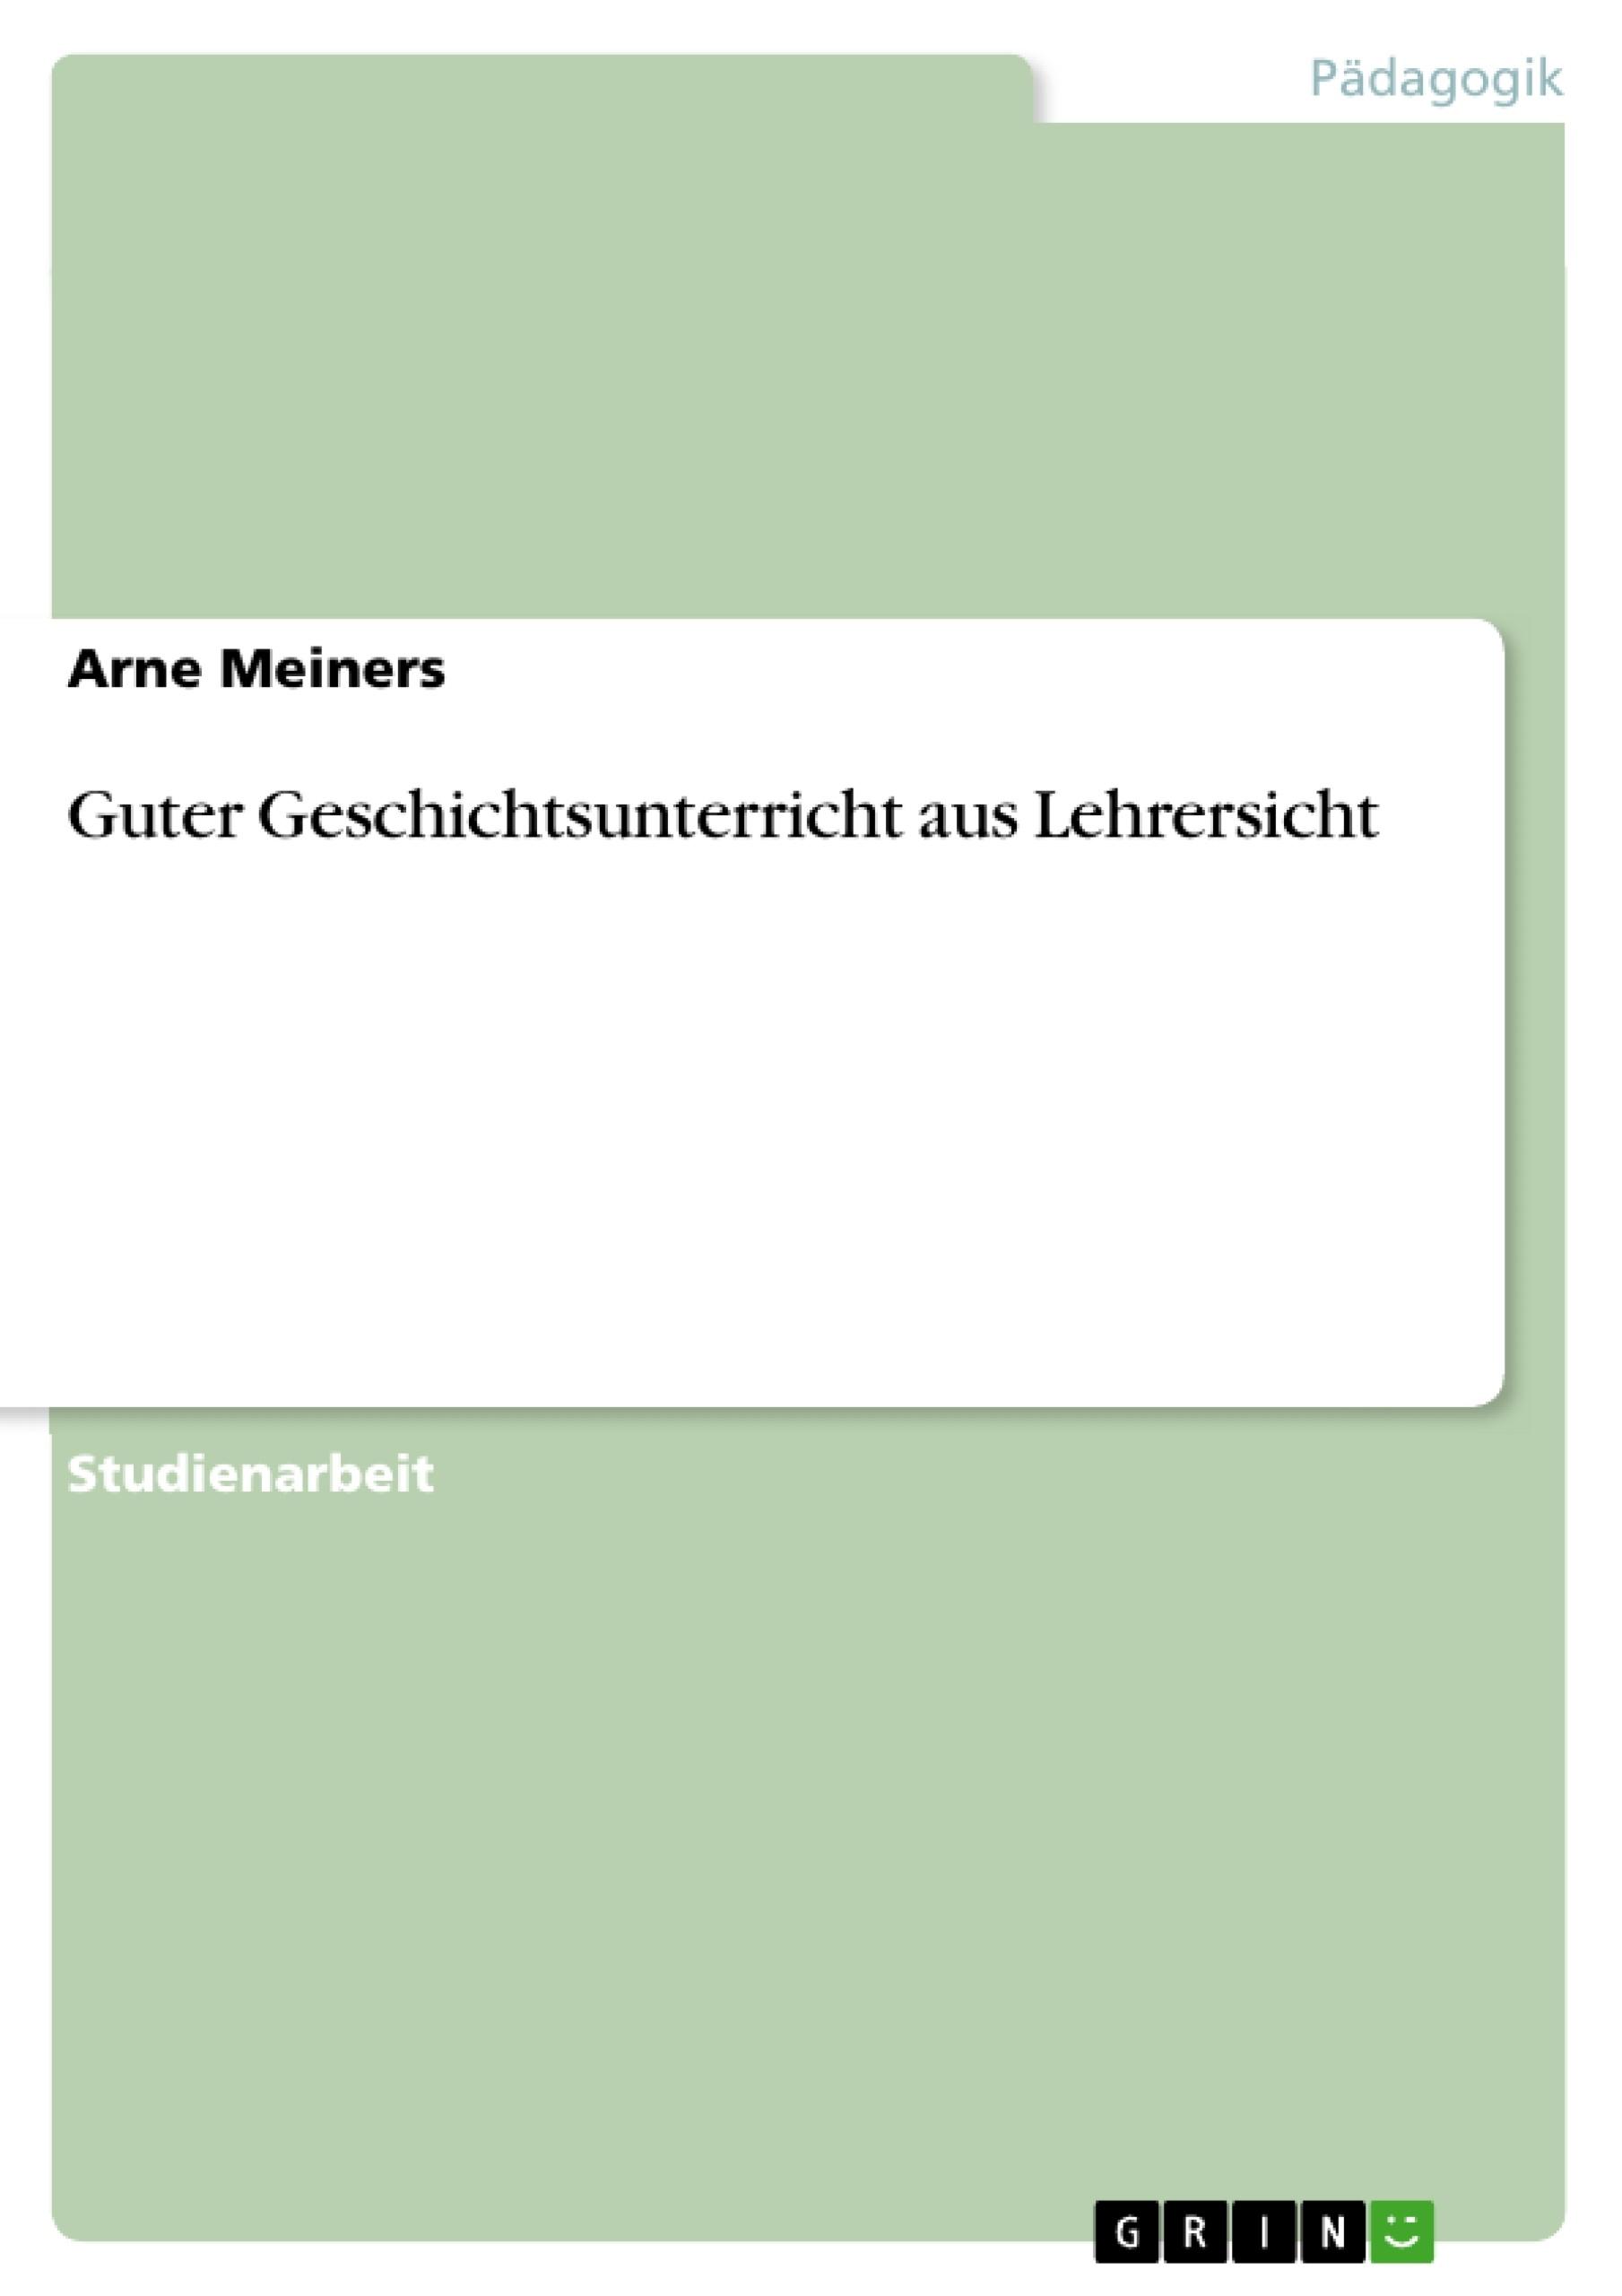 Titel: Guter Geschichtsunterricht aus Lehrersicht